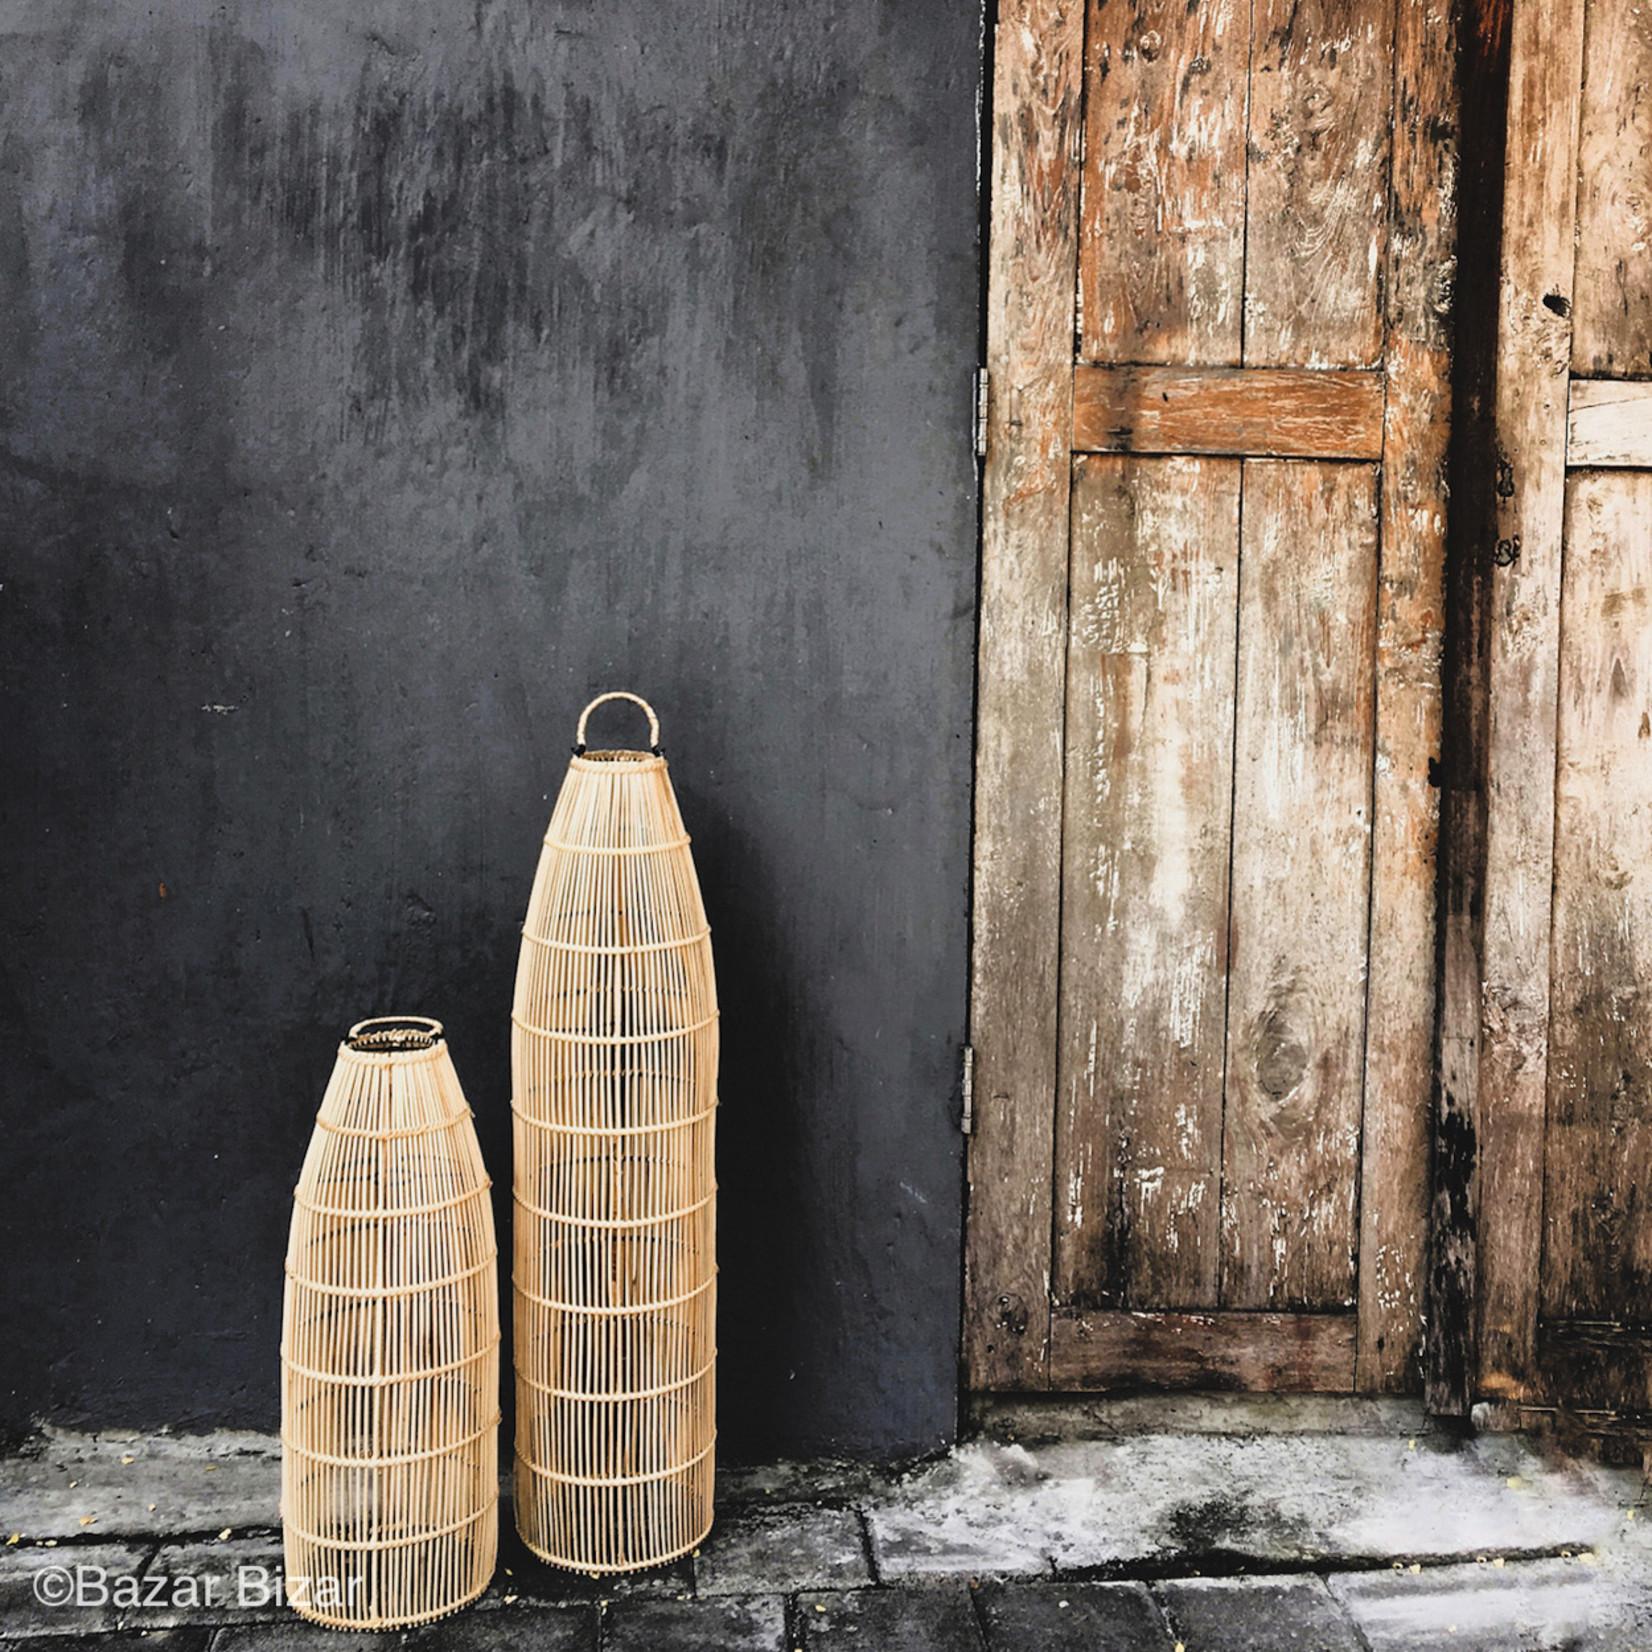 Bazar Bizar De Fish Trap Hanglamp - Natural - L